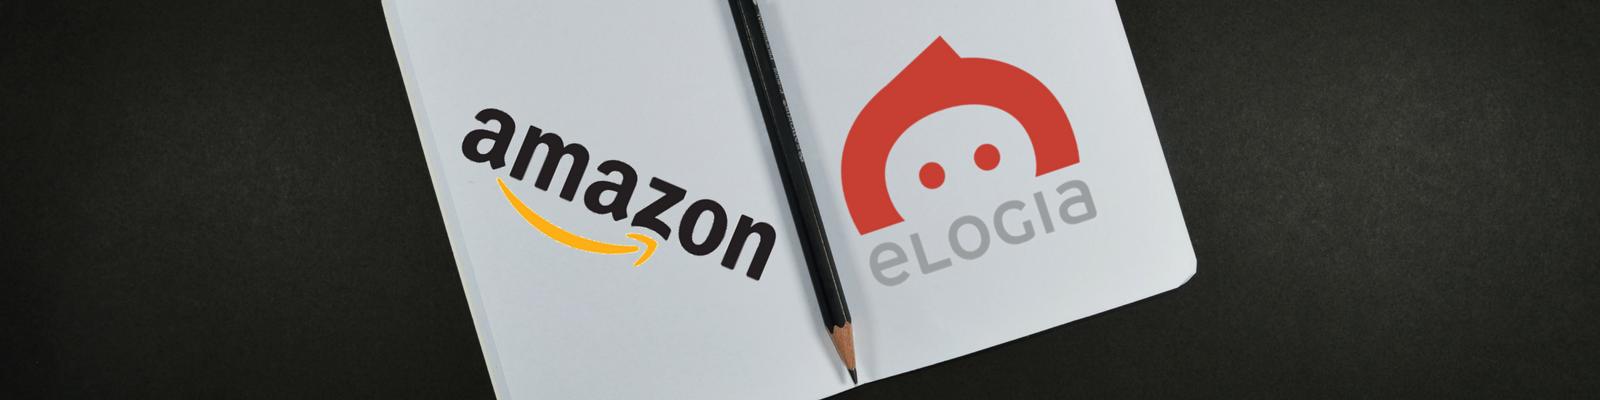 Elogia cierra un acuerdo para gestionar campañas enAmazon Advertising Platform